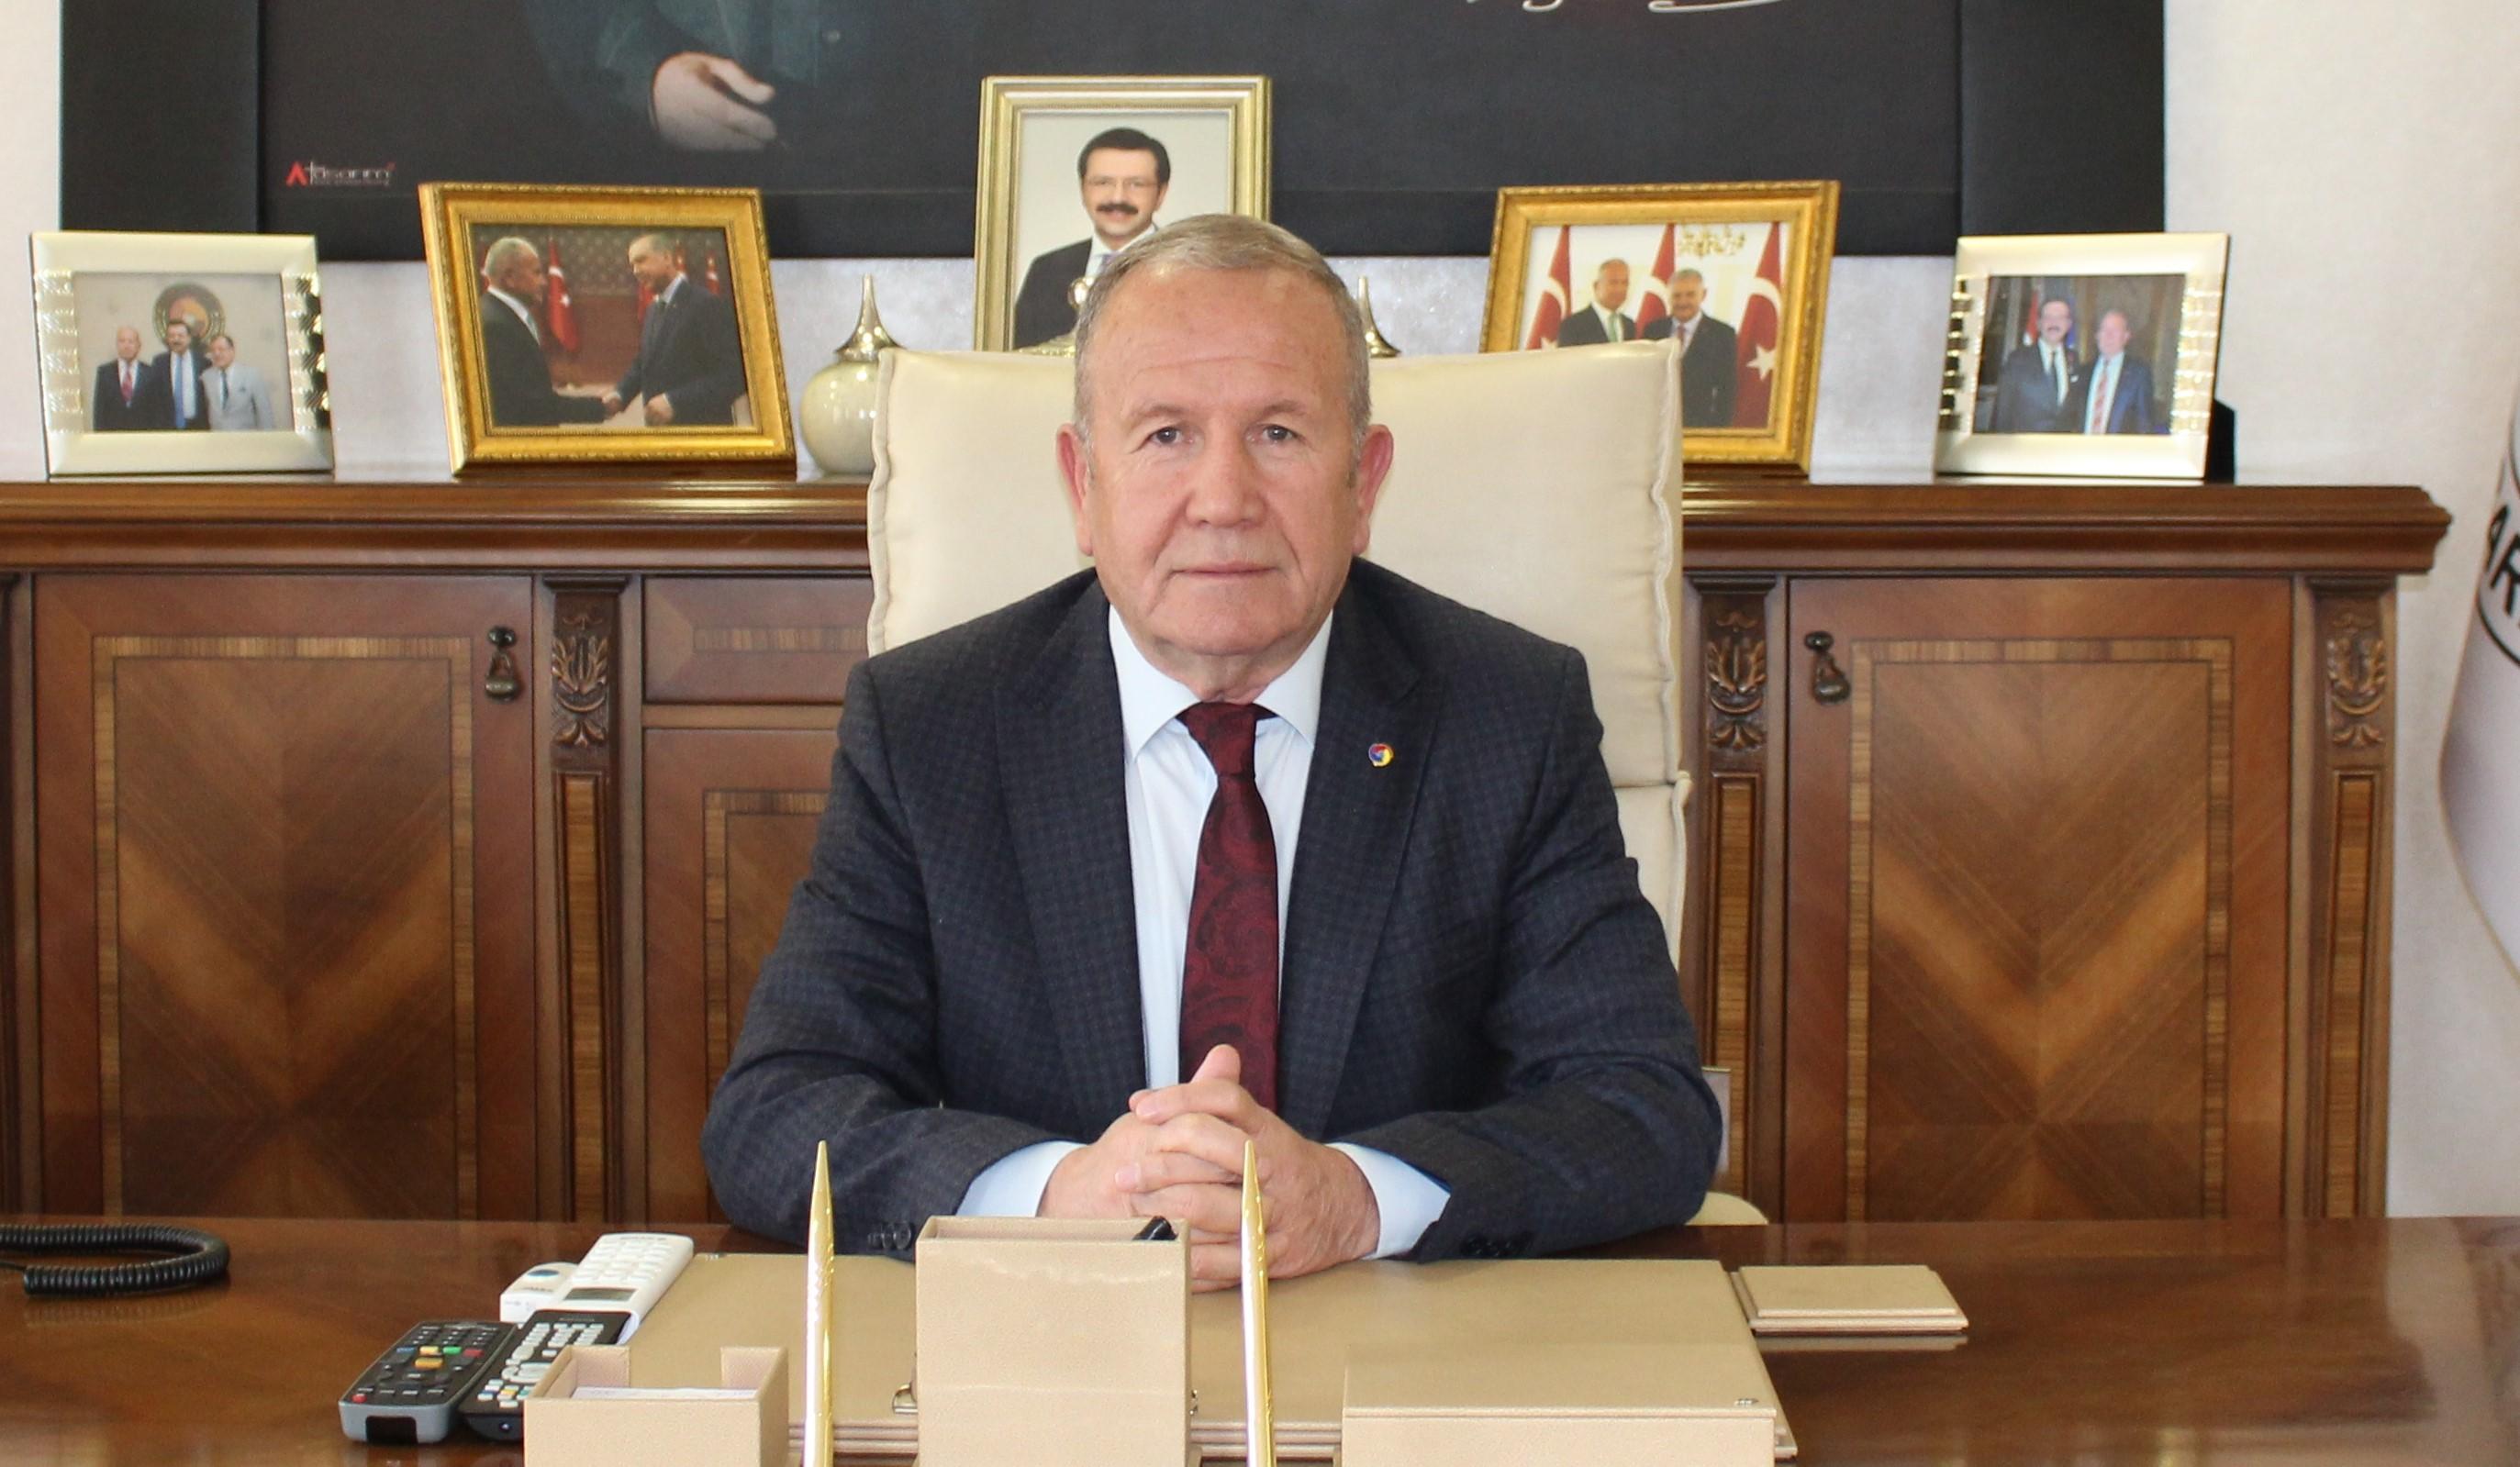 Başkan Salaş'dan Hicri yılbaşı kutlama mesajı - Havadis50 - Havadis50